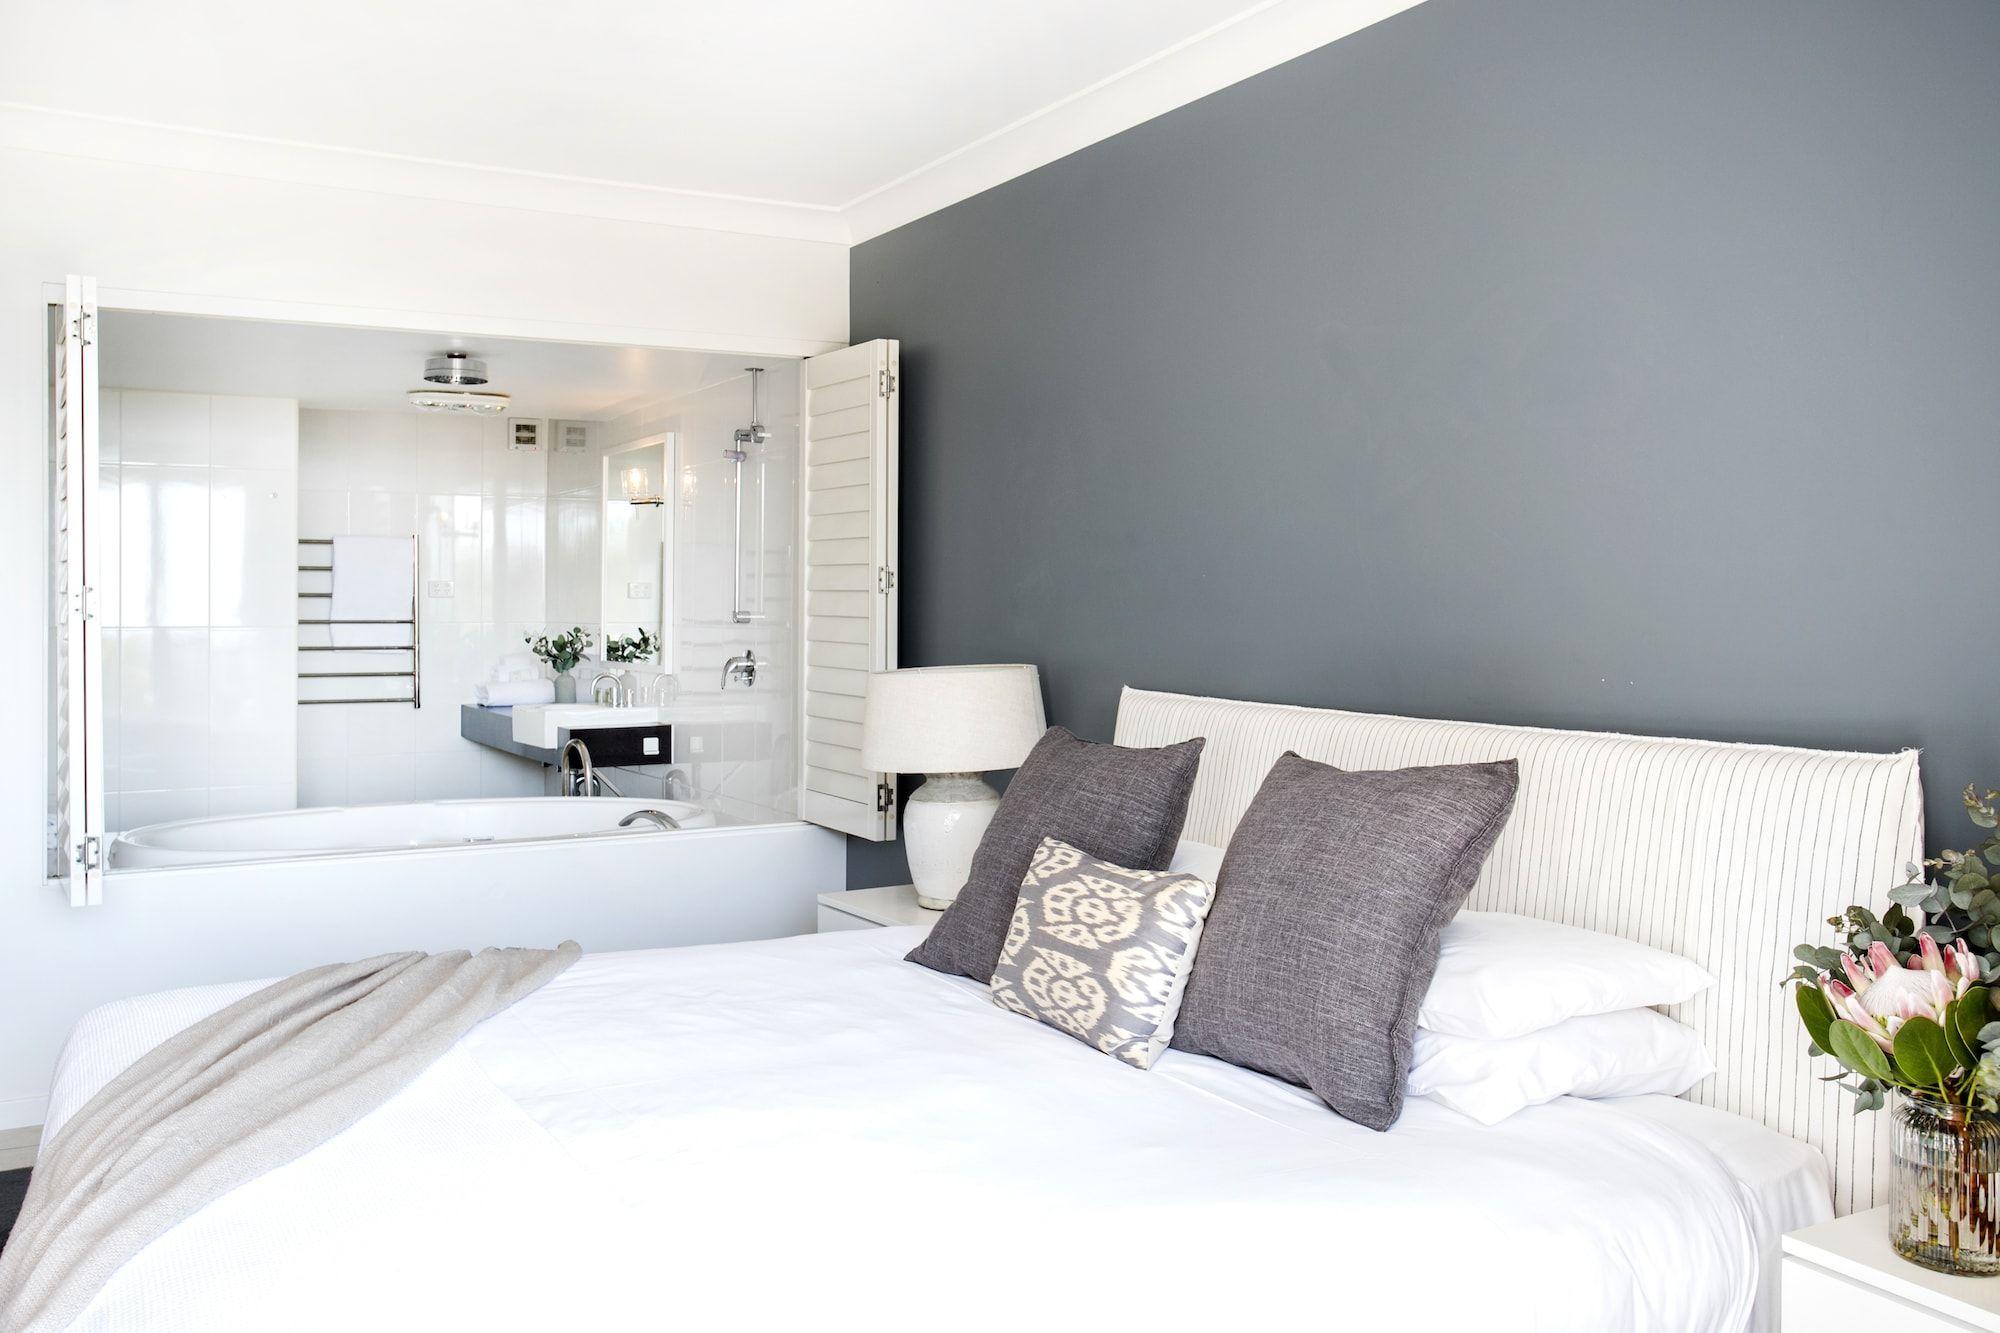 Spa Retreat-Bedroom and Bathroom-04 copy